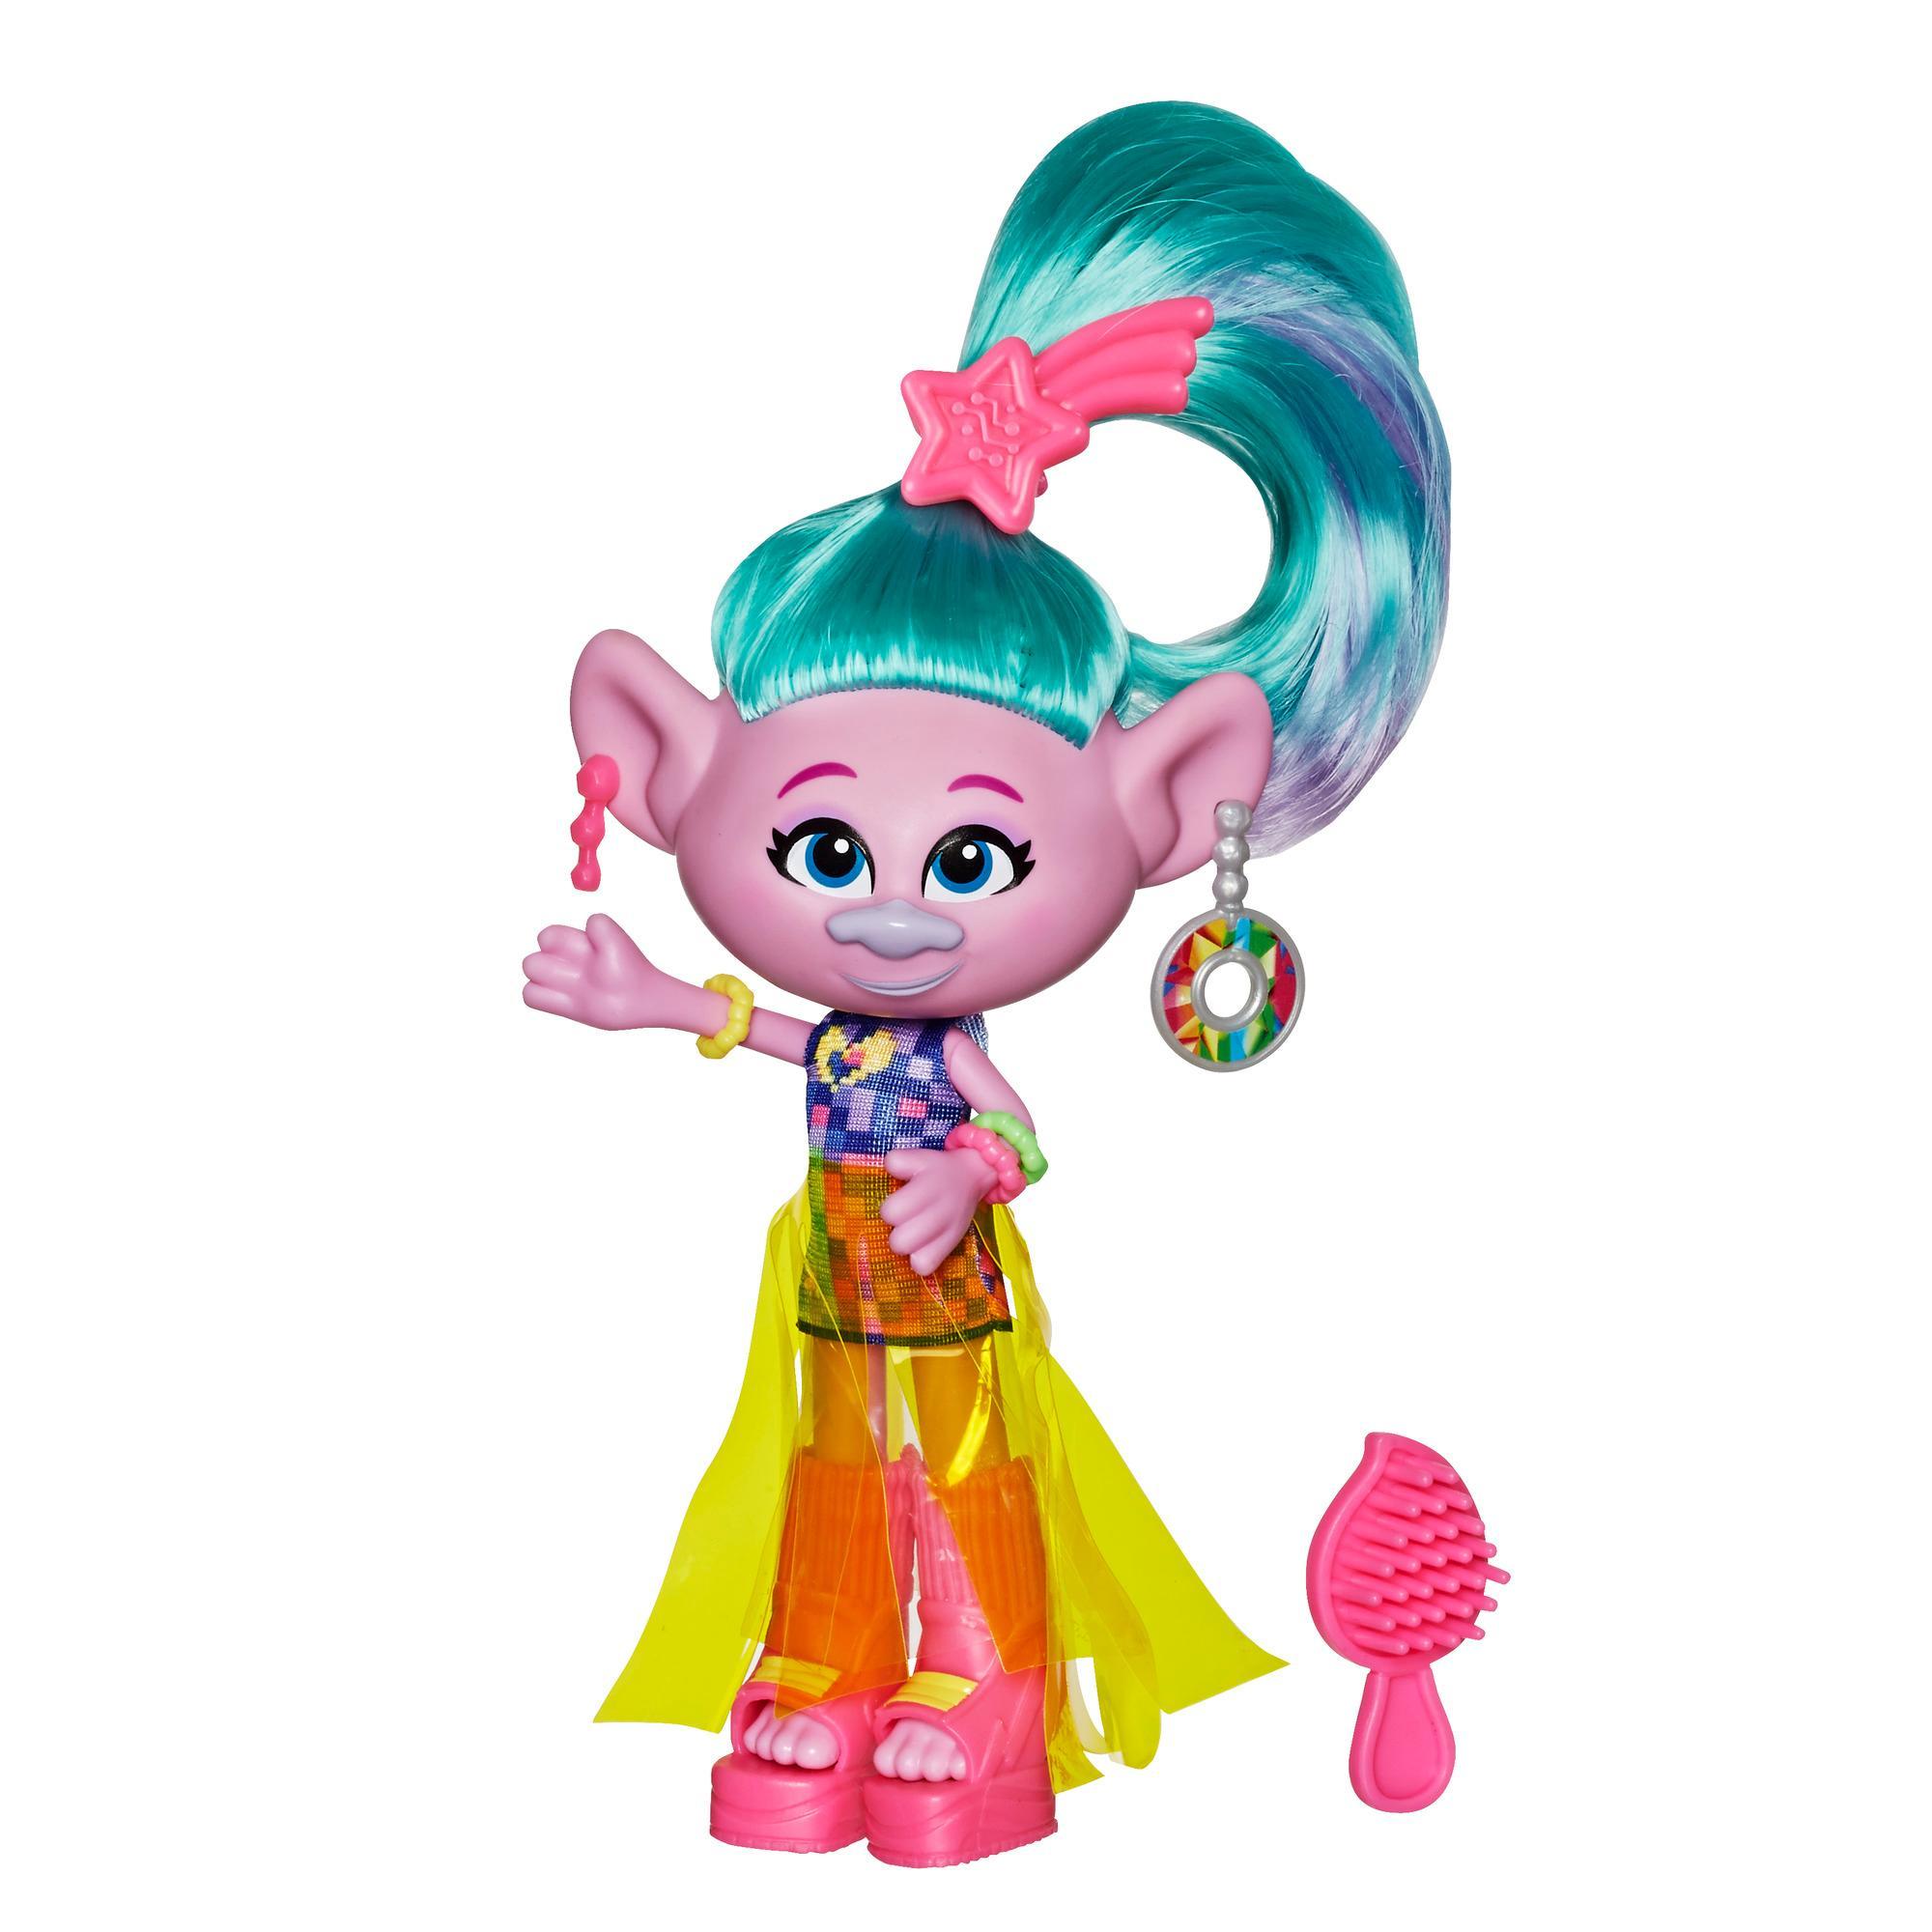 Trolls de DreamWorks, Poupée Mannequin Mode Deluxe Satin, avec robe et plus, du film Trolls 2 : Tournée mondiale, jouet pour enfants